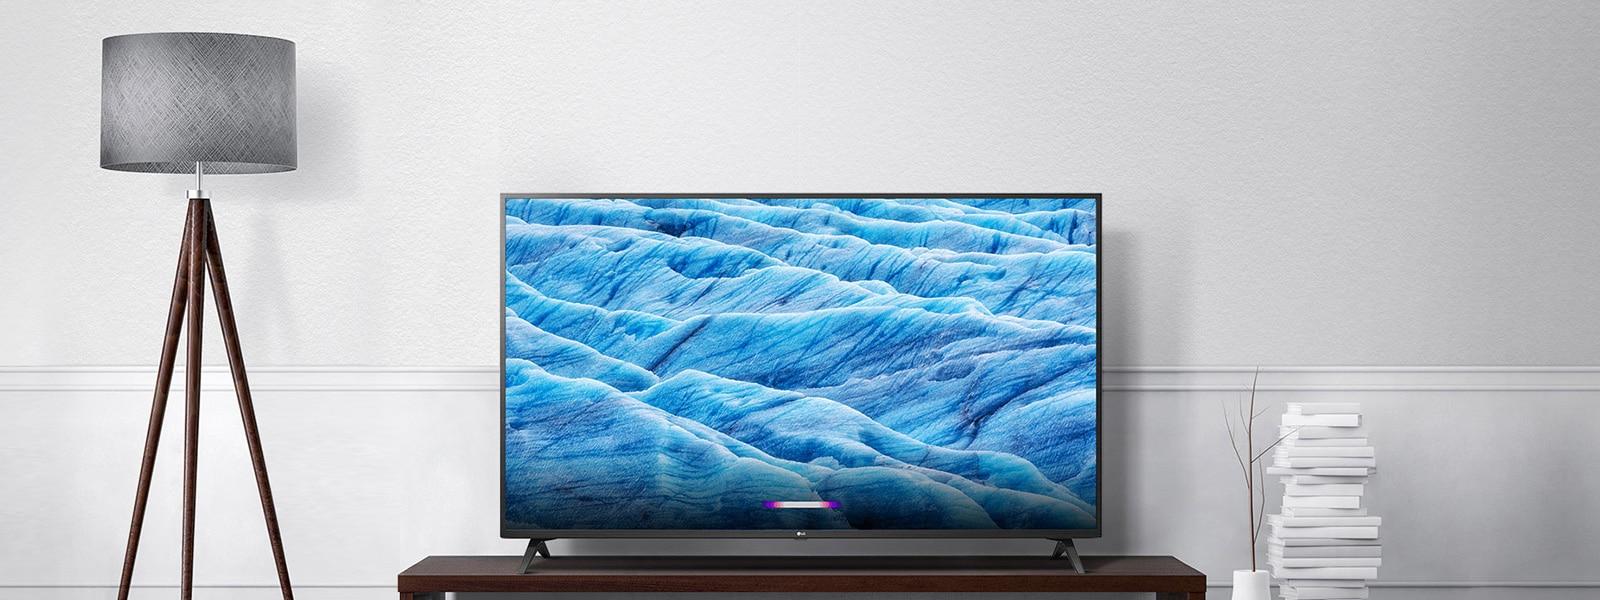 LG 4K UHD TVs: Discover Curved and Flat UHD TVs | LG USA